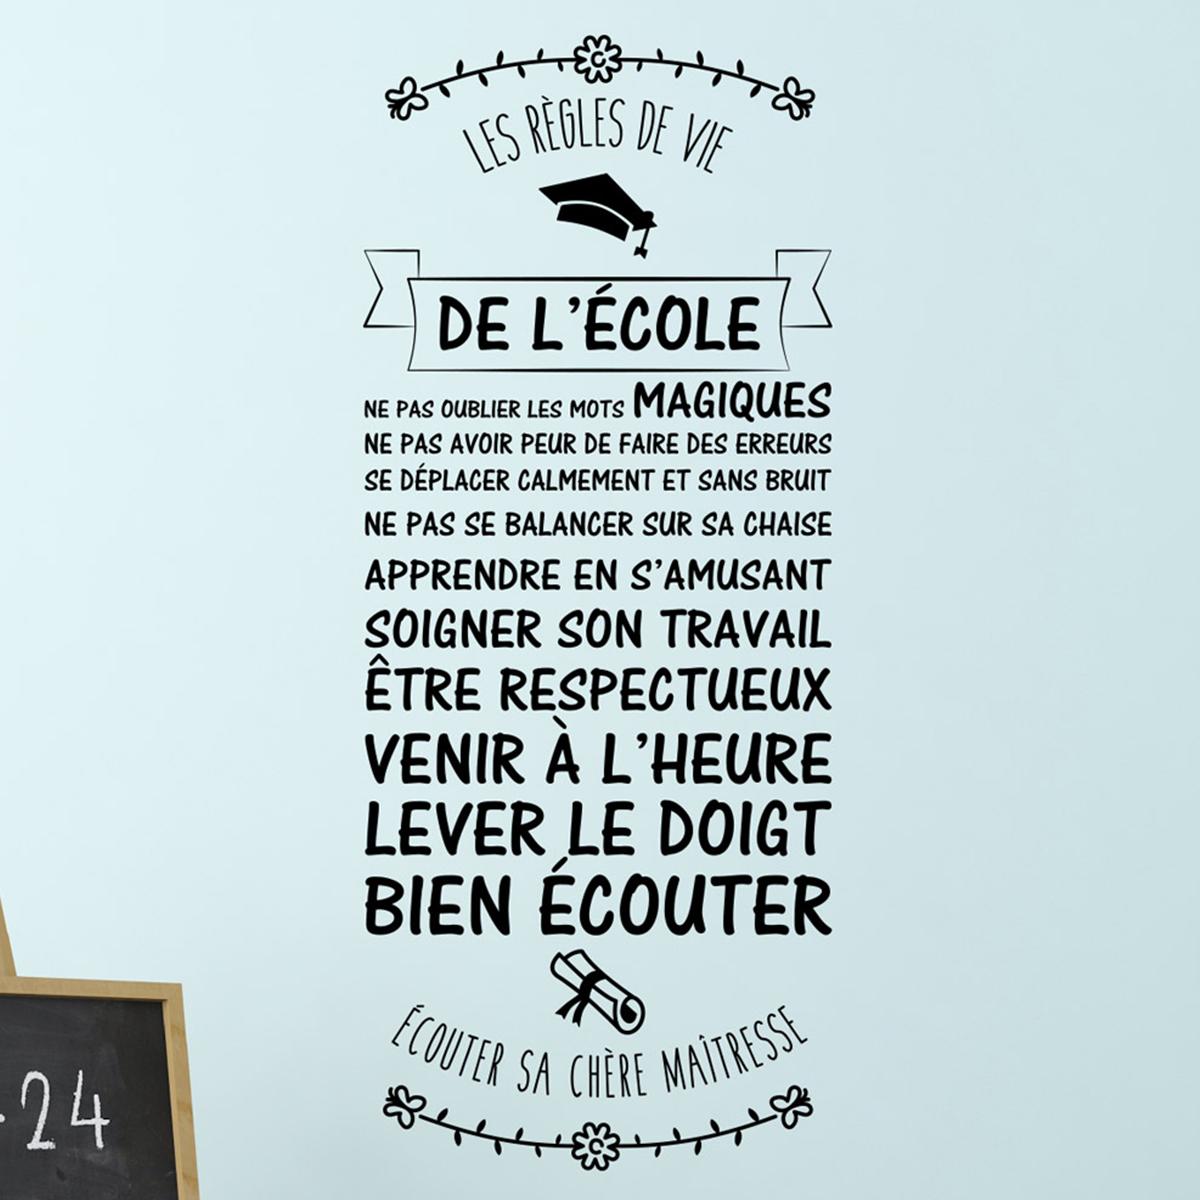 Sticker citation Les rgles de vie de lcole  Stickers STICKERS CITATIONS Franais  Ambiance